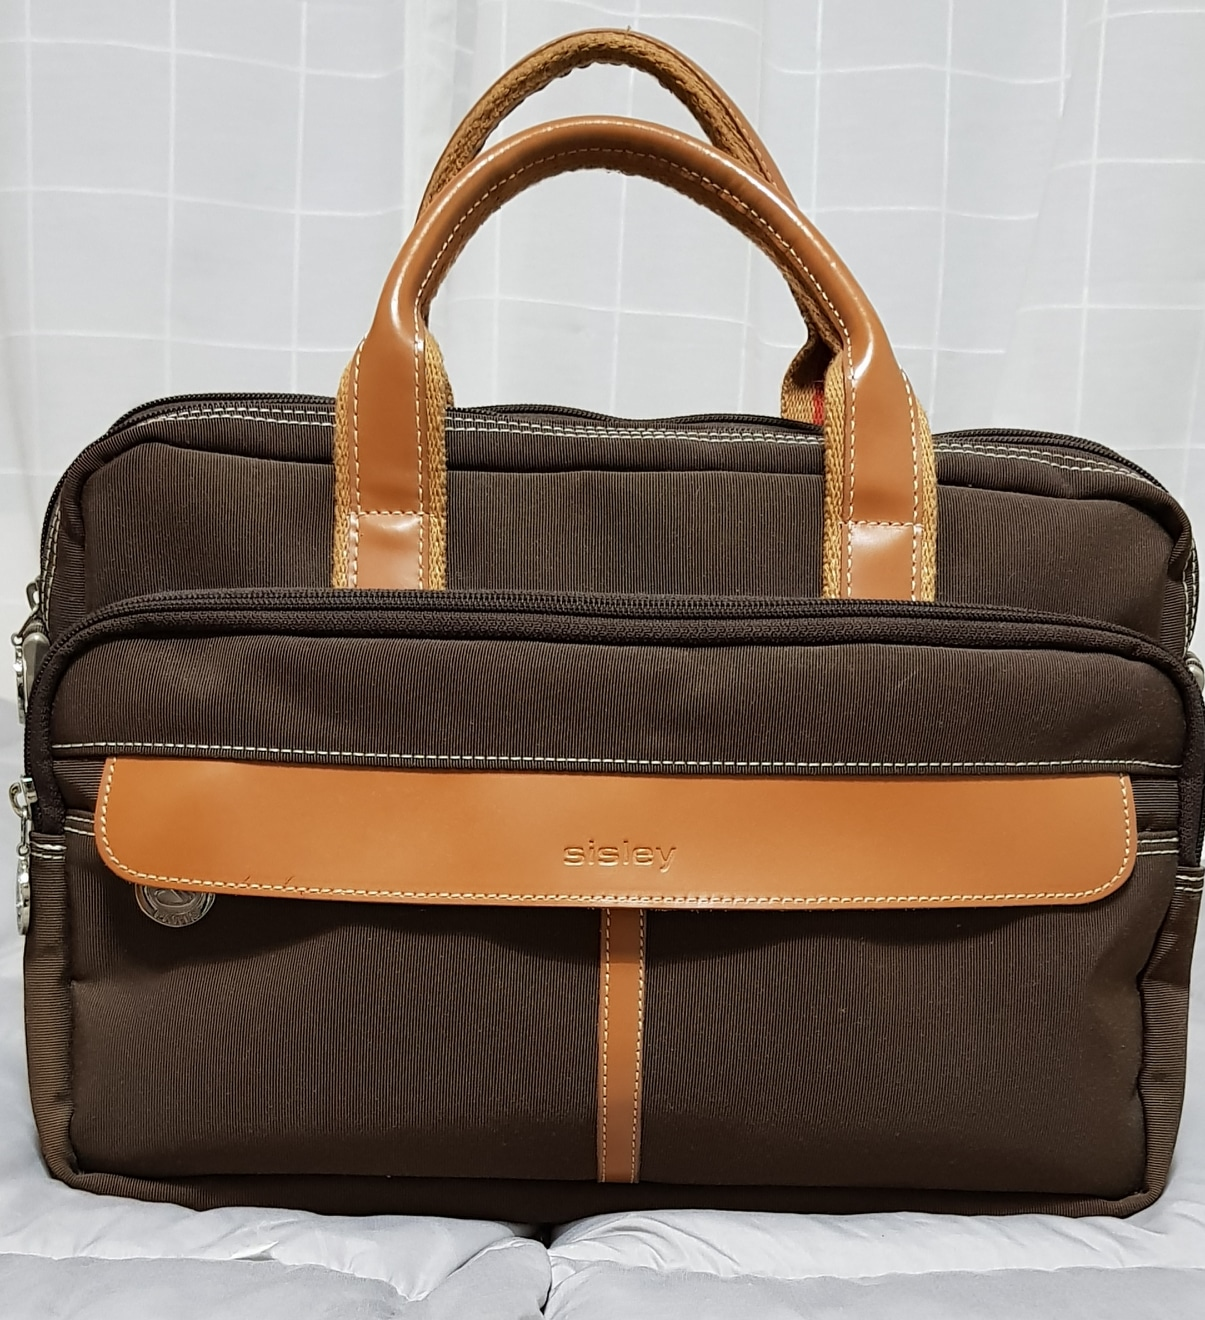 시슬리 토트 가방